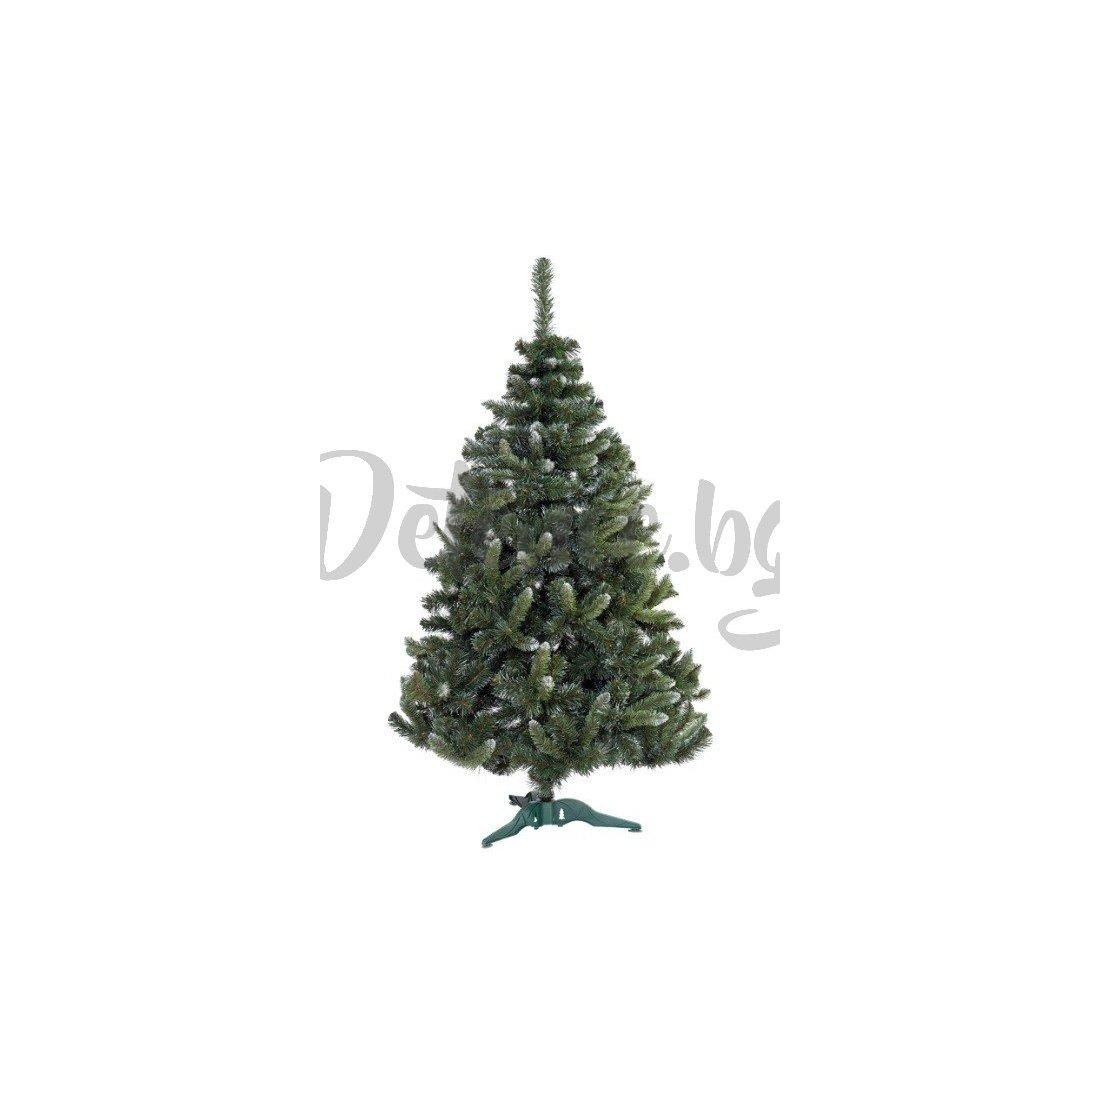 Коледна елха с бял връх - Бор - 220см